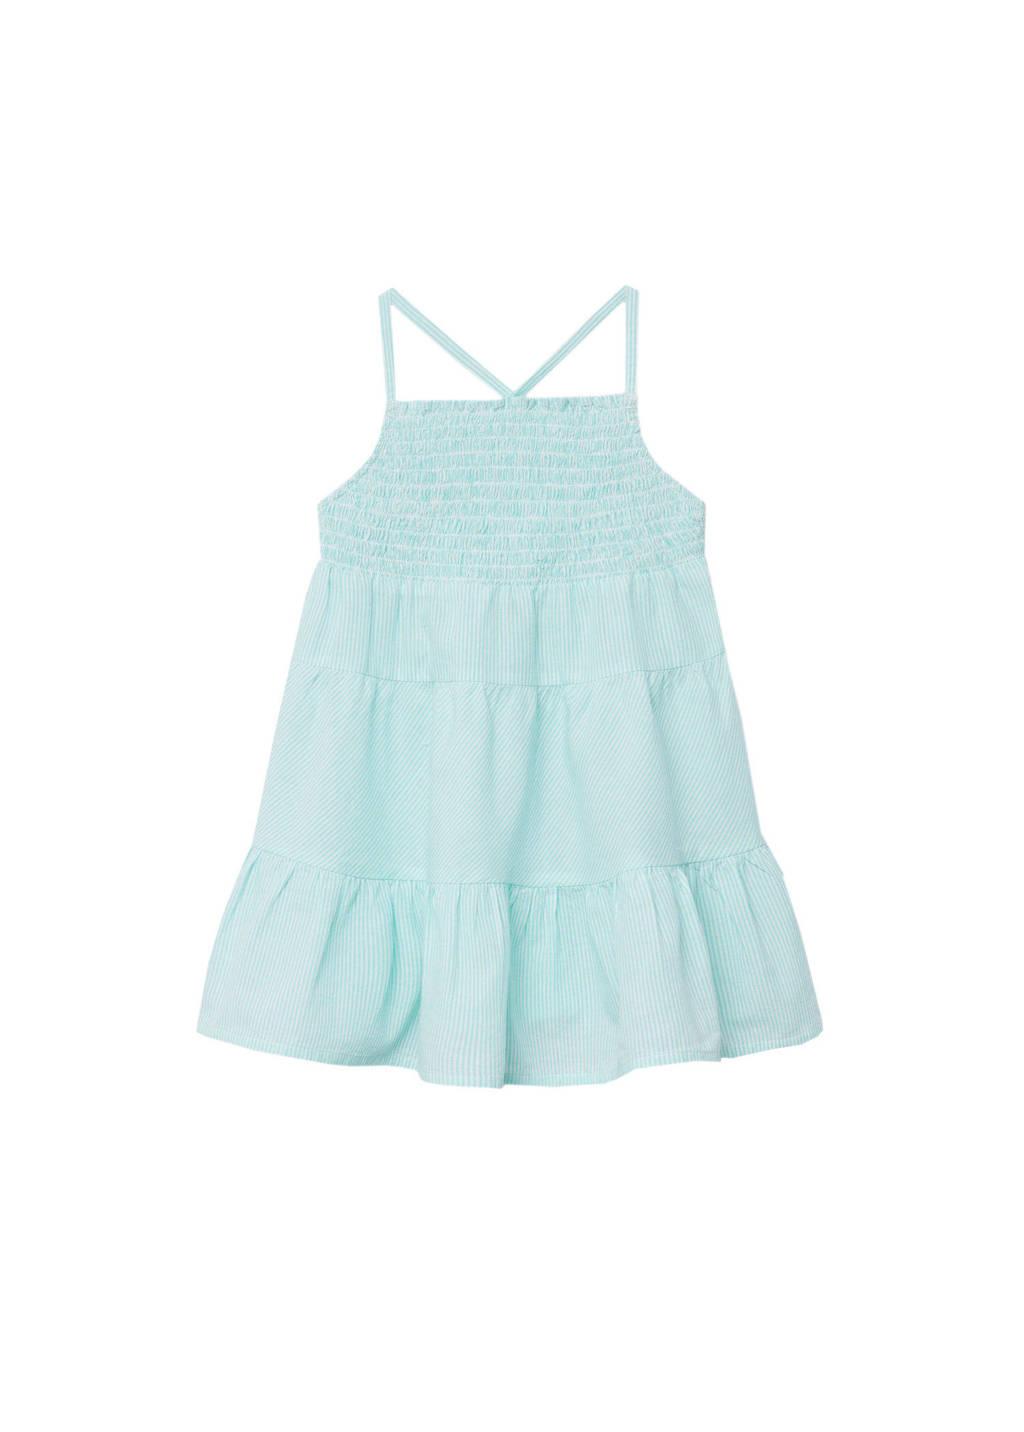 Mango Kids gestreepte jurk mintgroen/wit, Mintgroen/wit